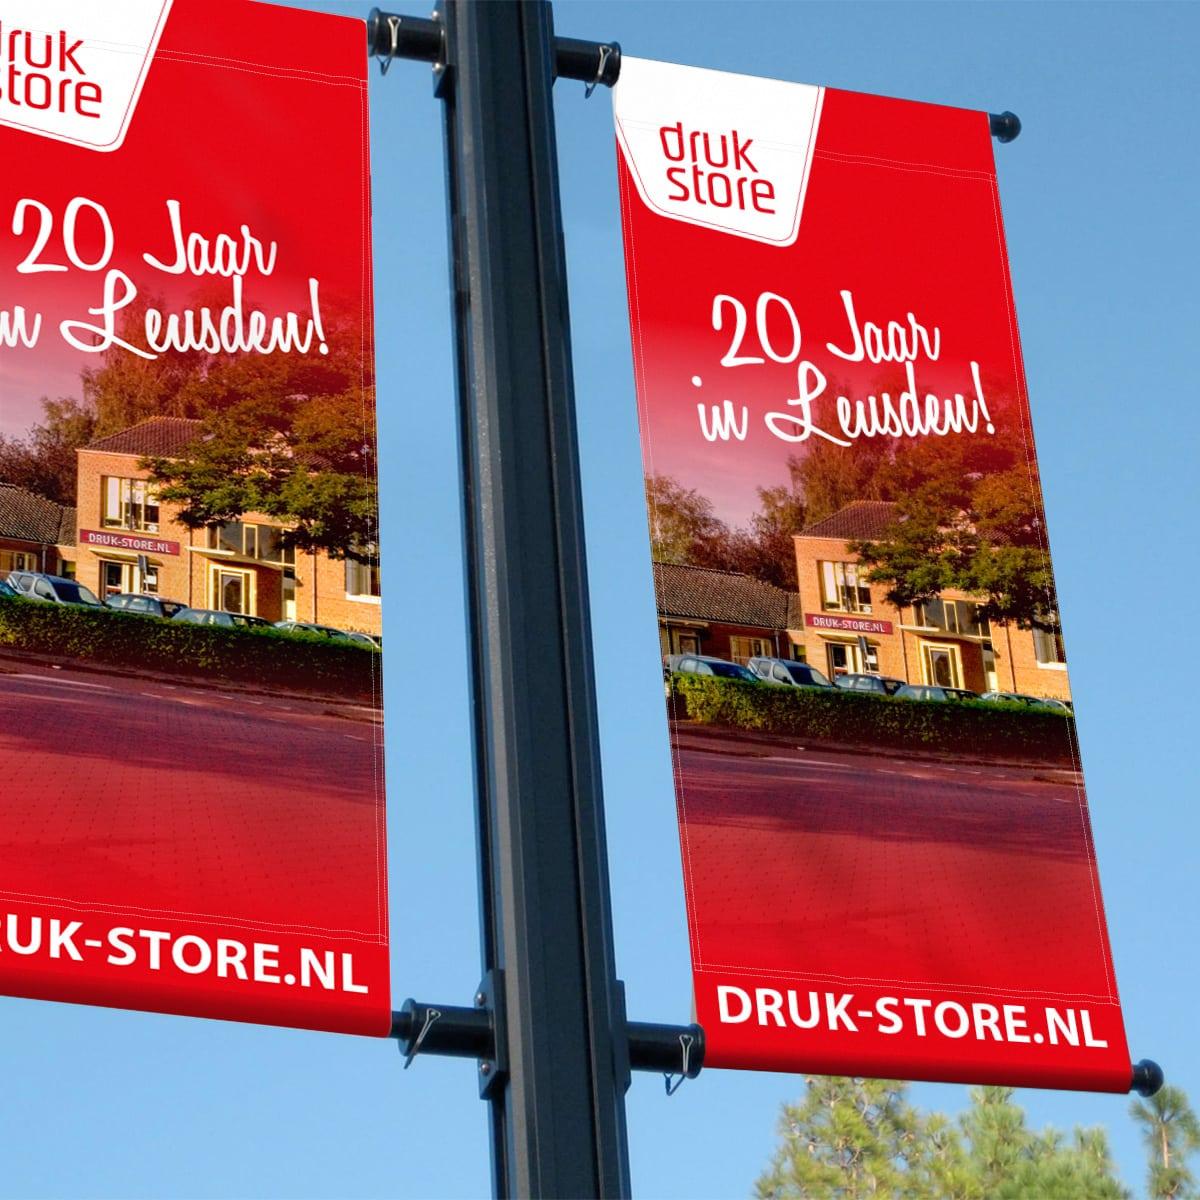 Vlaggen van Druk-store